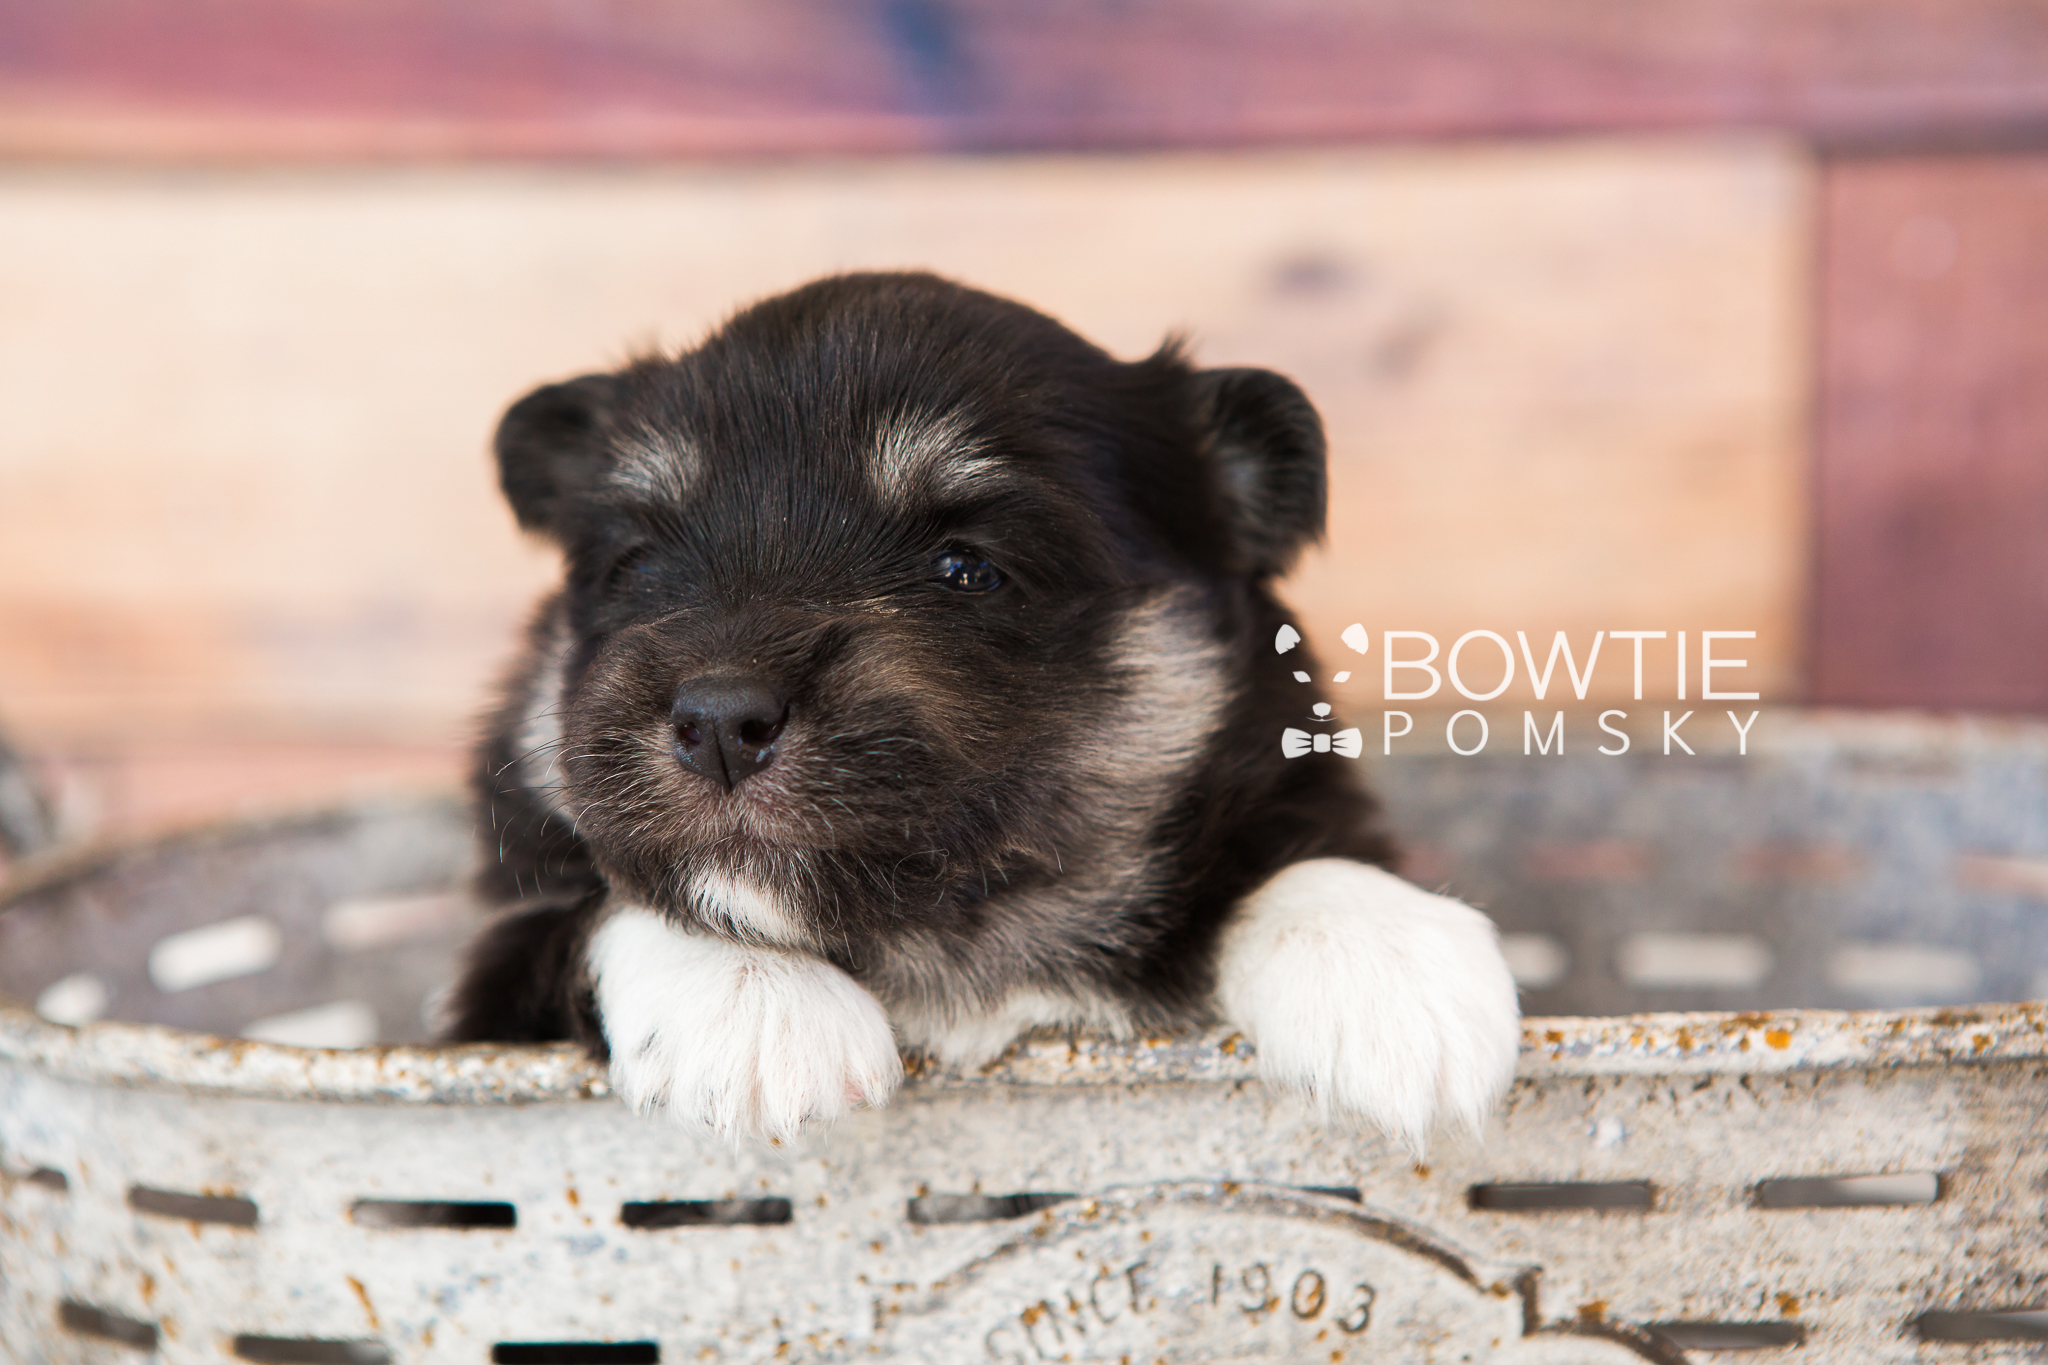 1st Gen Puppy Girl Porsche Bowtie Pomsky World